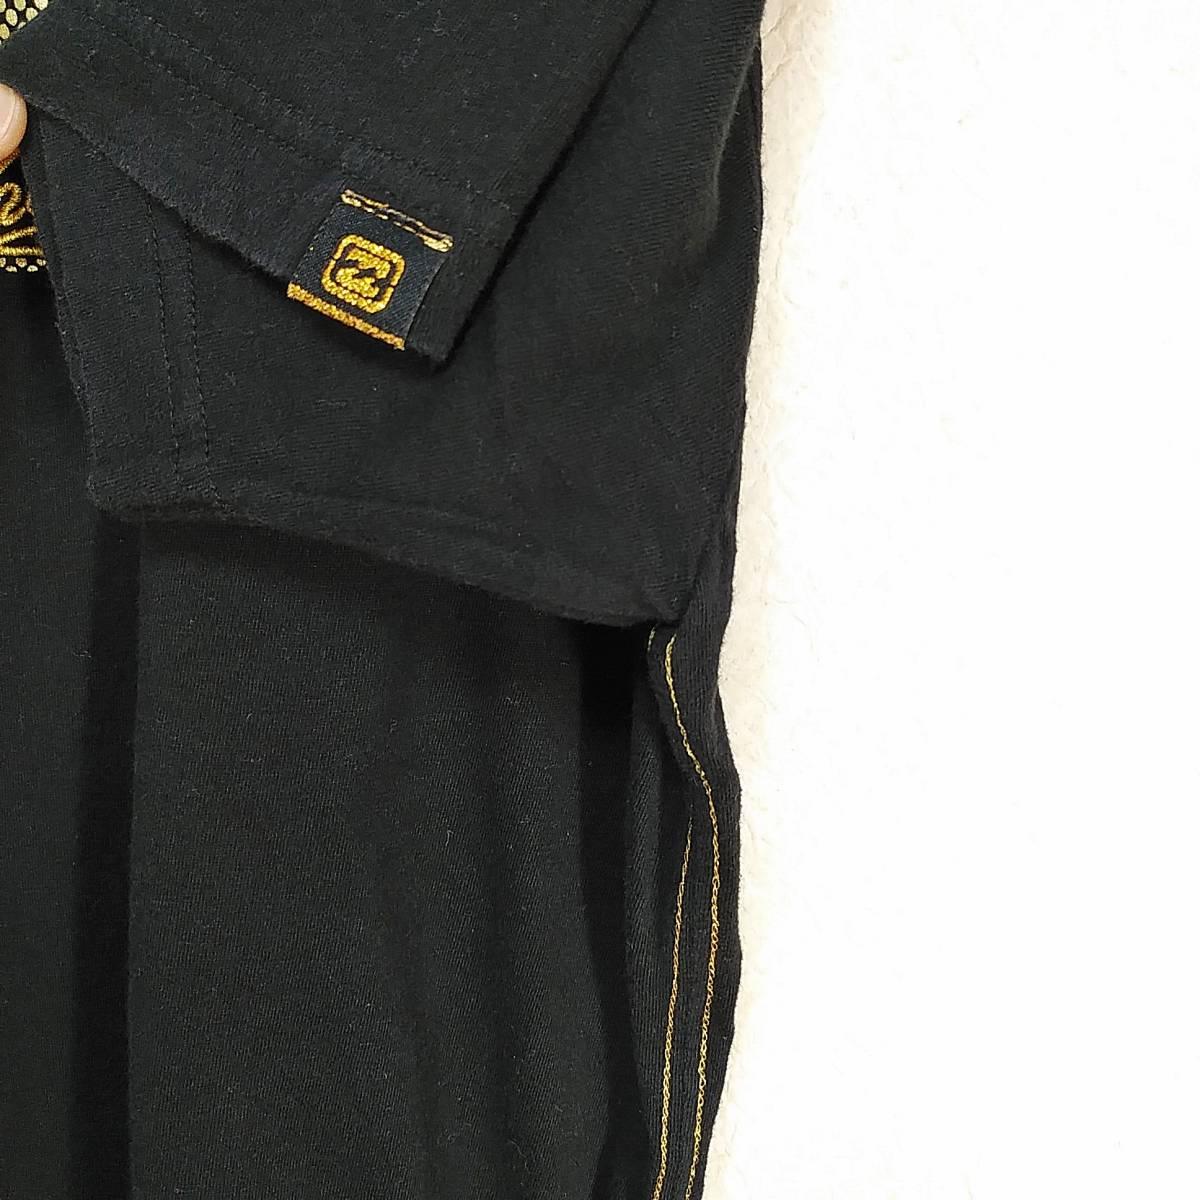 【platinum tailored by billabong】ビラボン Tシャツ メンズL ゴールド×ブラック ロゴ  190603-15333_画像5